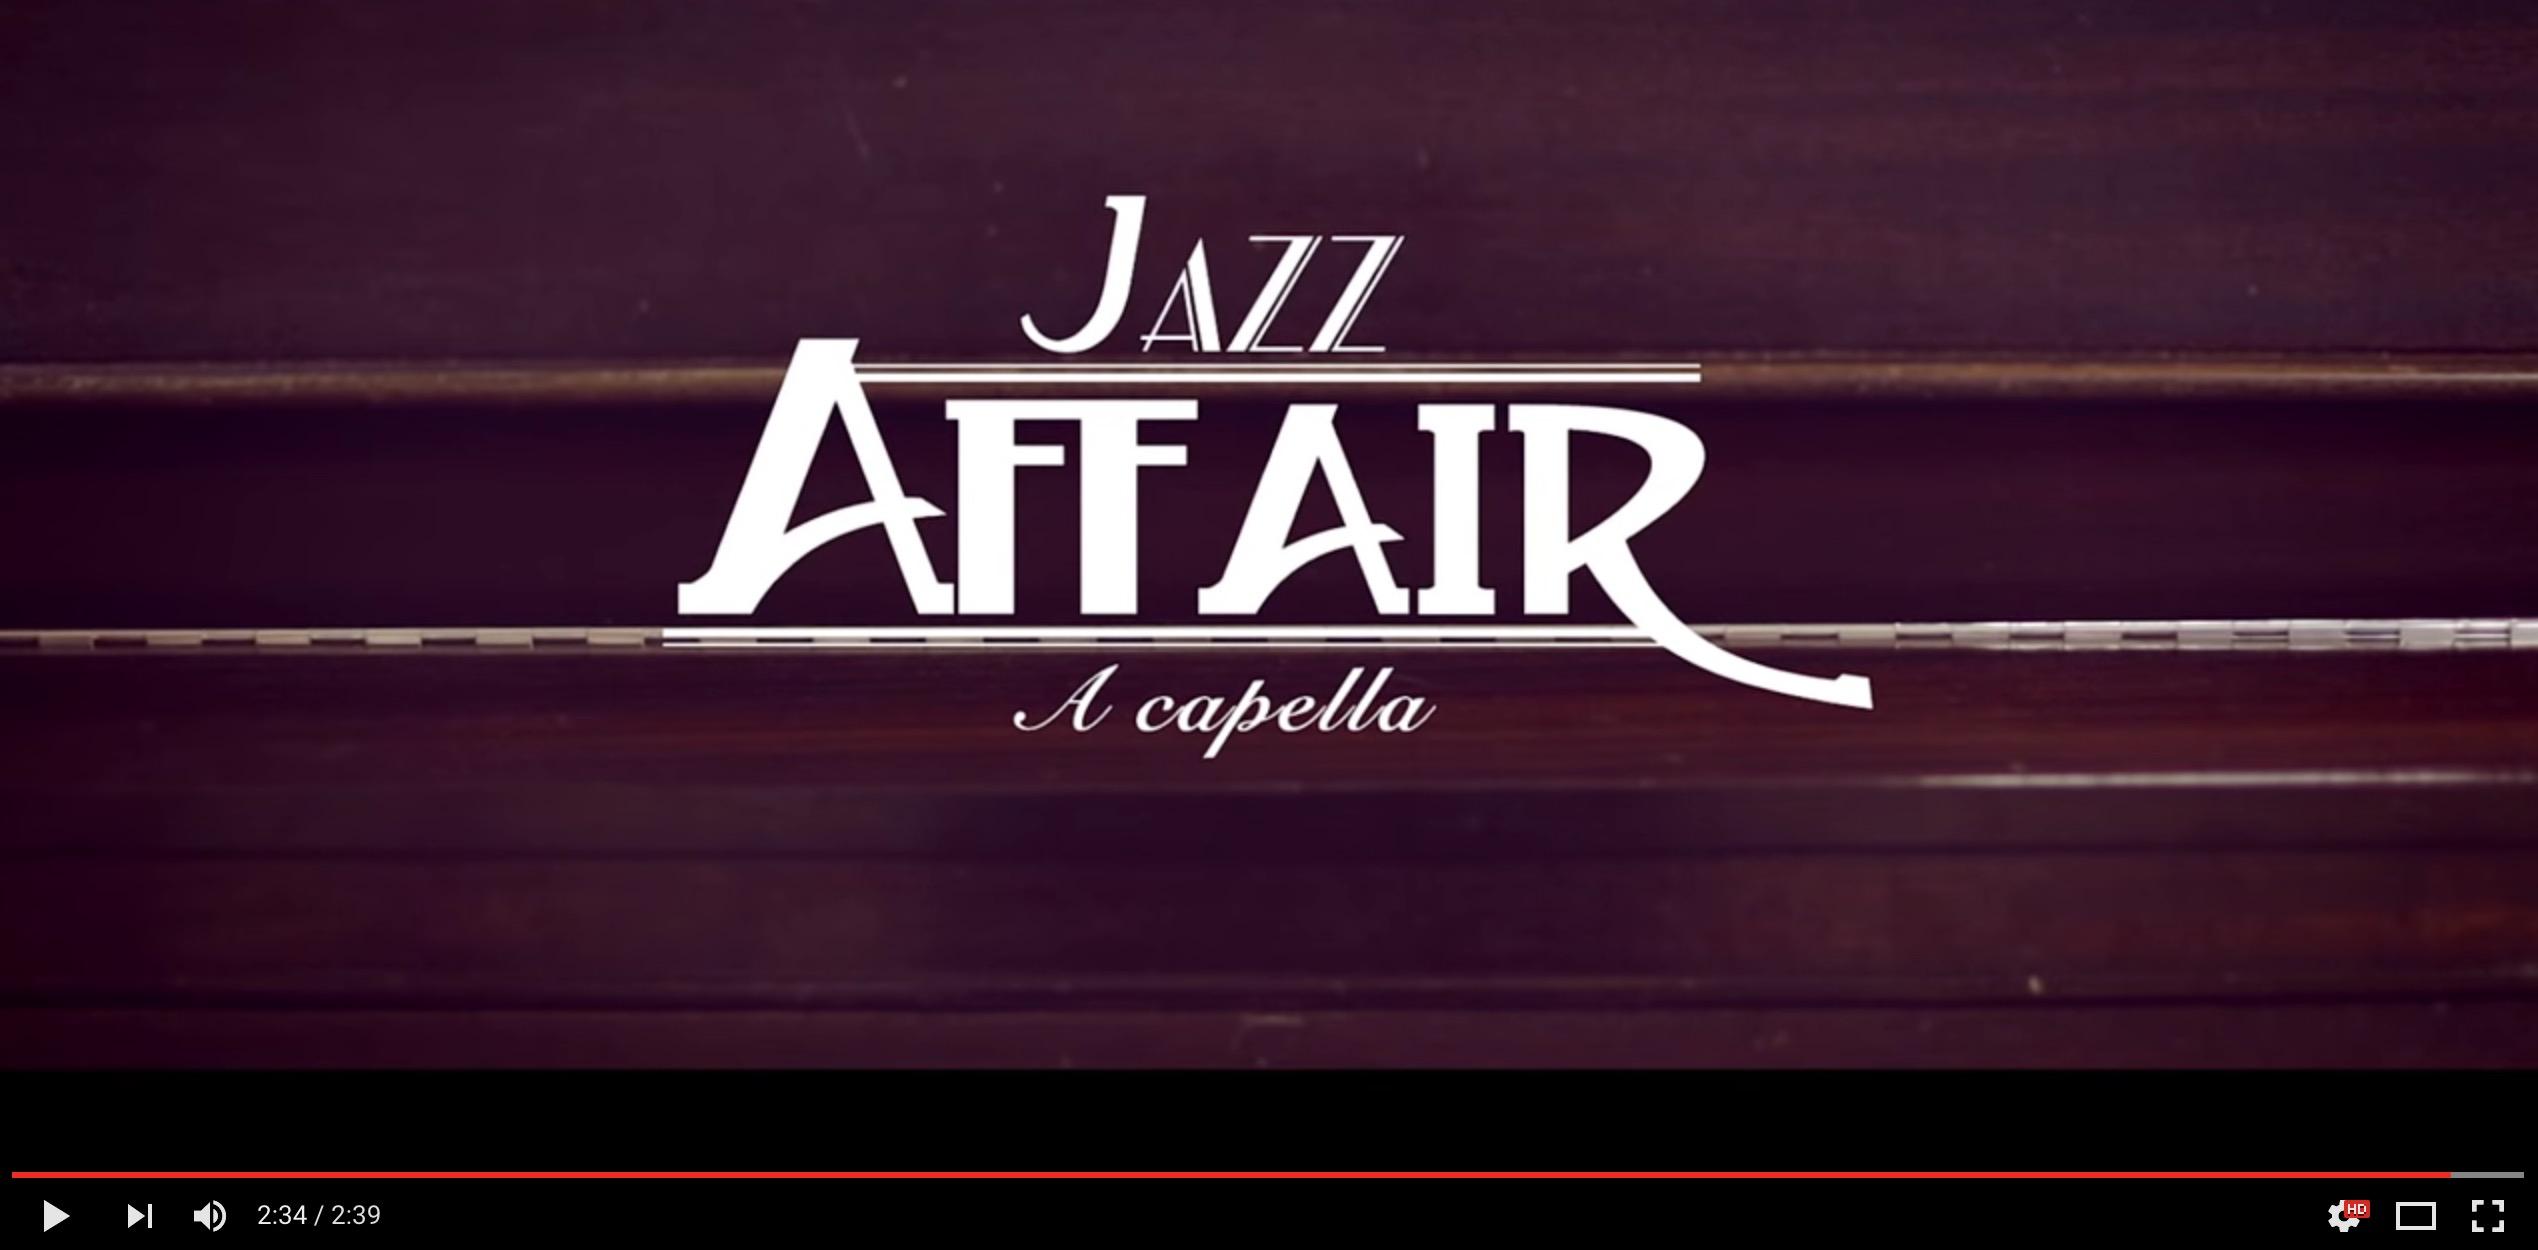 Vidéo promo pour Jazz Affair